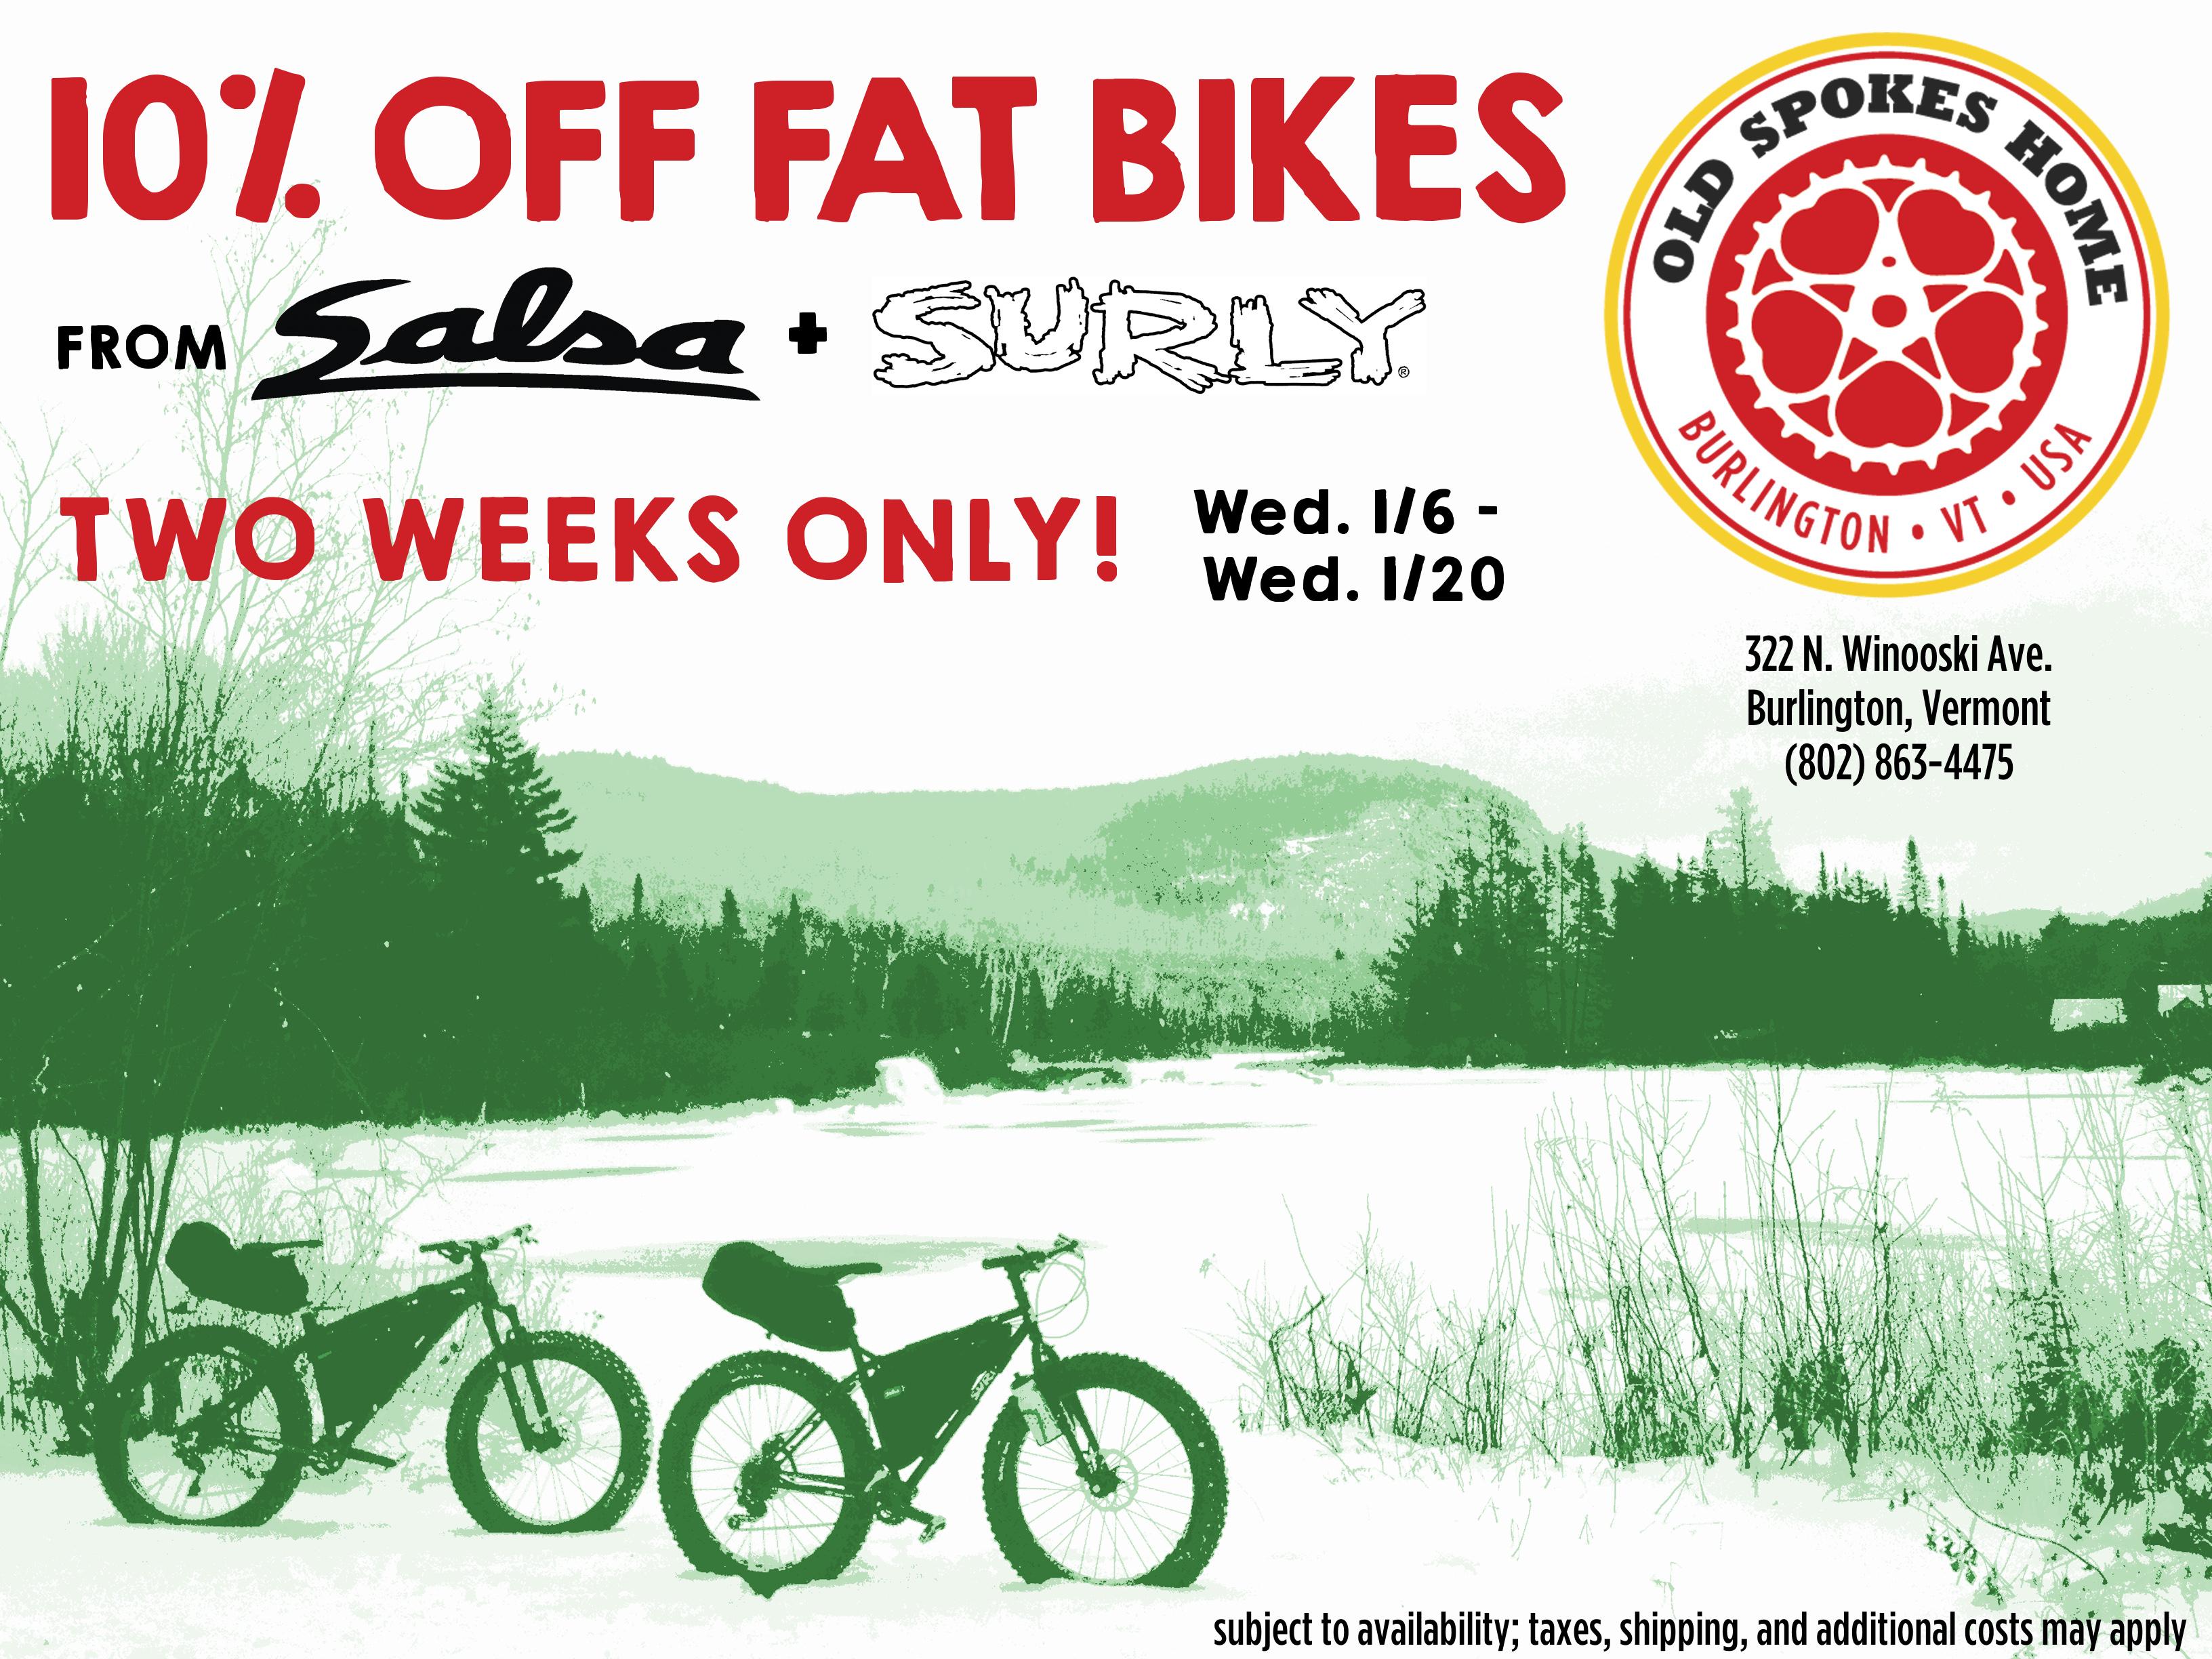 10% Off Fat Bikes